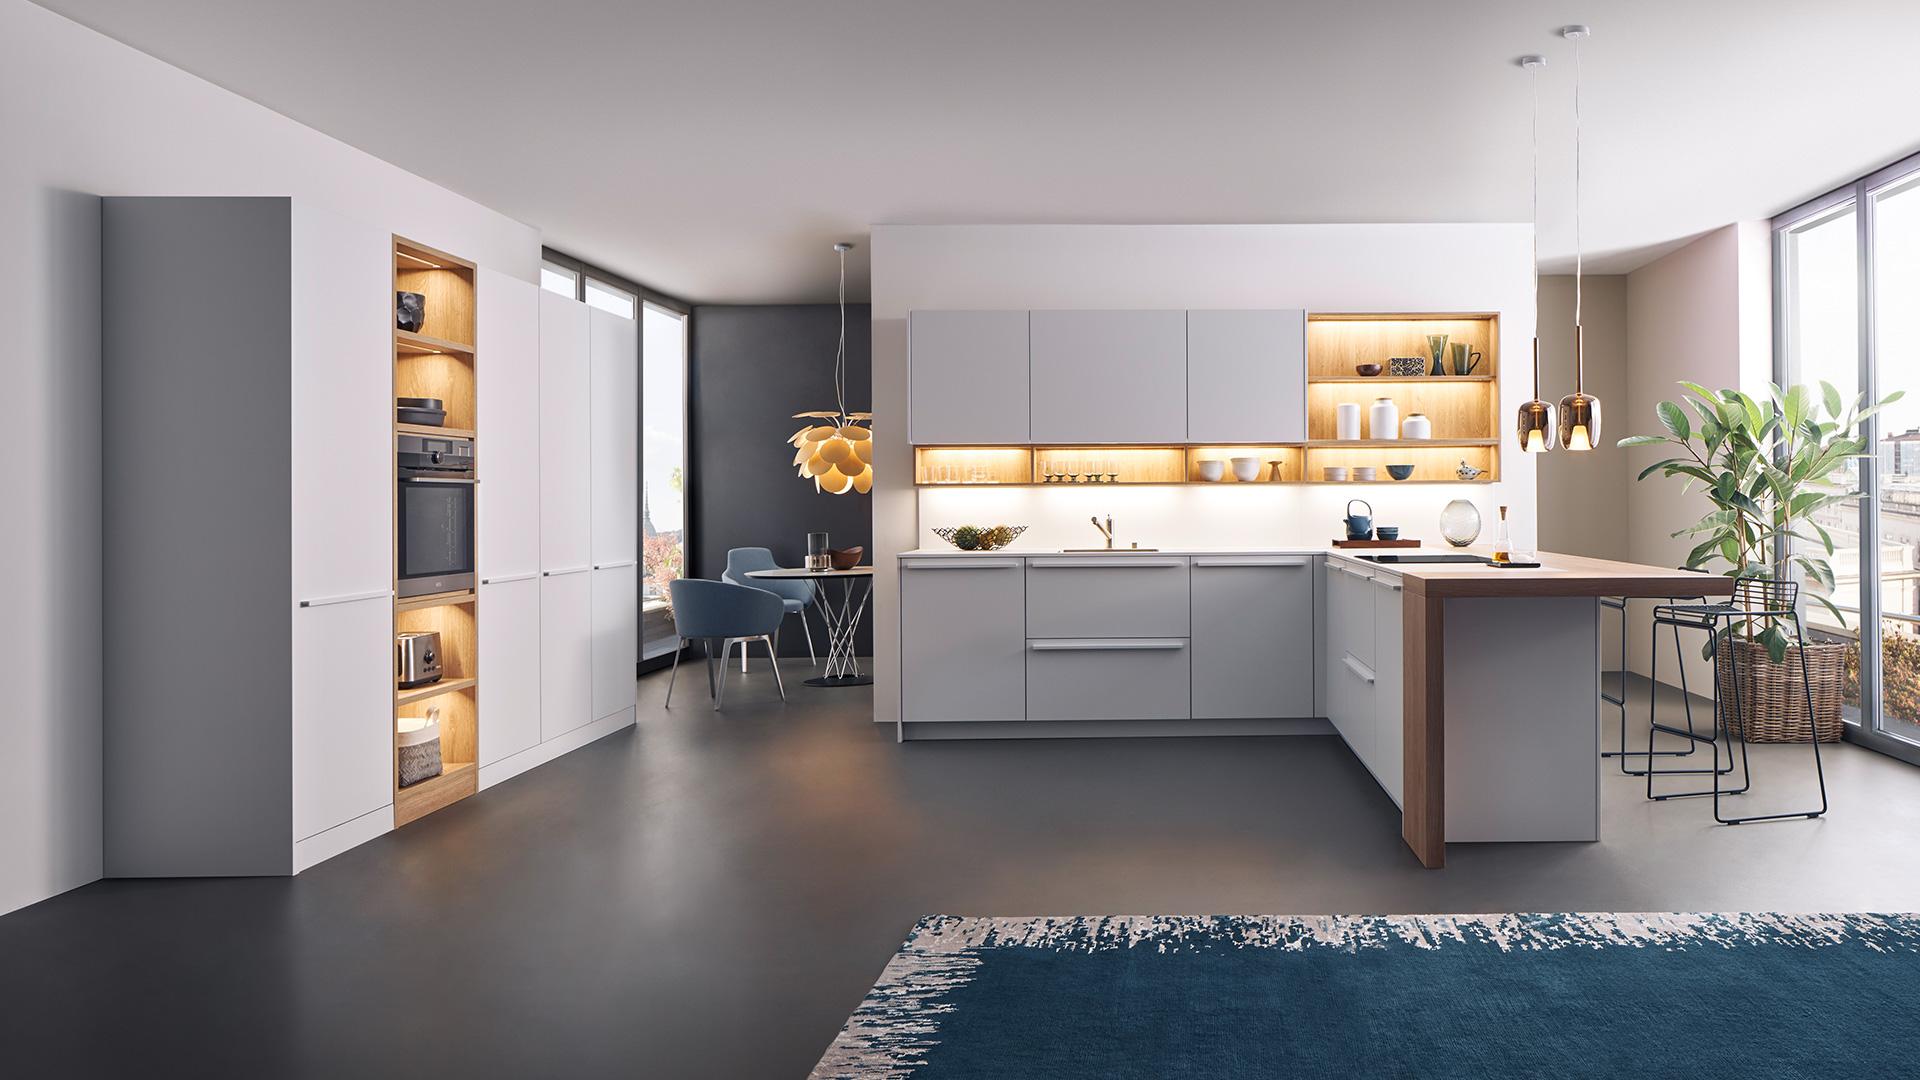 leicht k chen in bielefeld moderne k chen und designer k chen im k chenhaus bielefeld. Black Bedroom Furniture Sets. Home Design Ideas